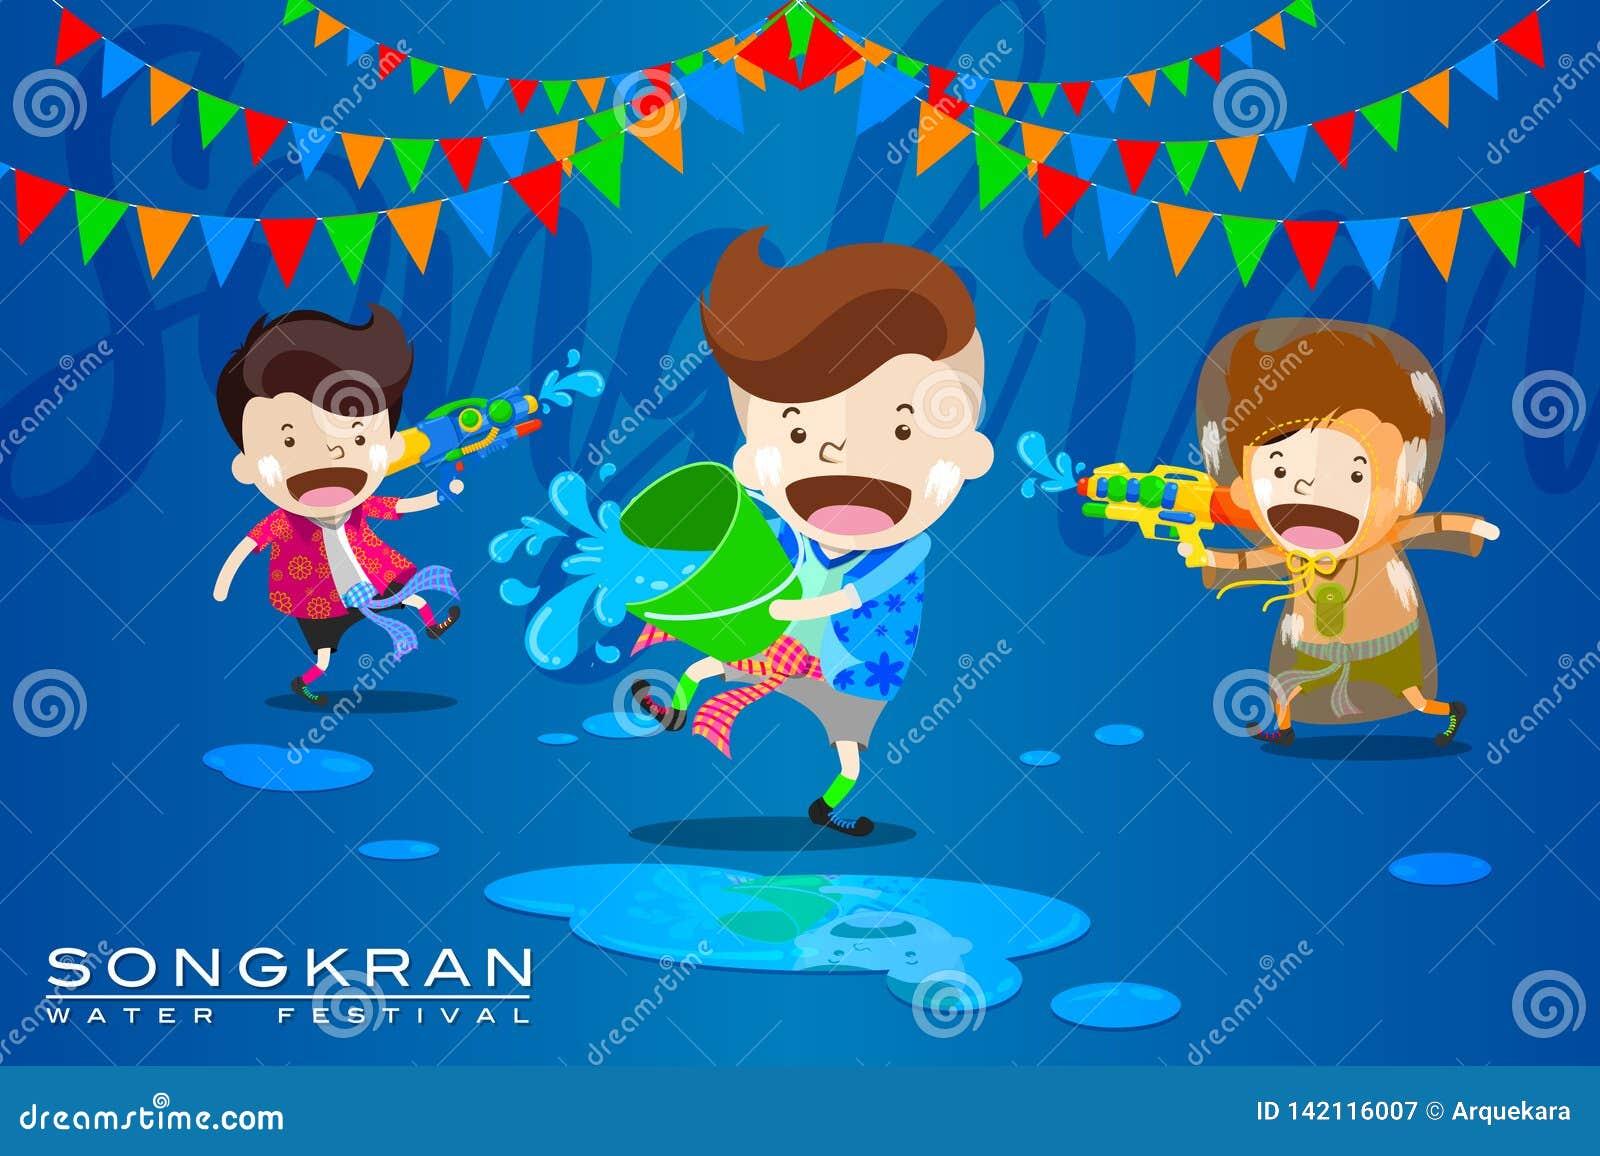 """Illustration de vecteur pour le  d """"Songkran†ou le  de Festival†d """"Water en Thaïlande et beaucoup d autres pays en Asie"""